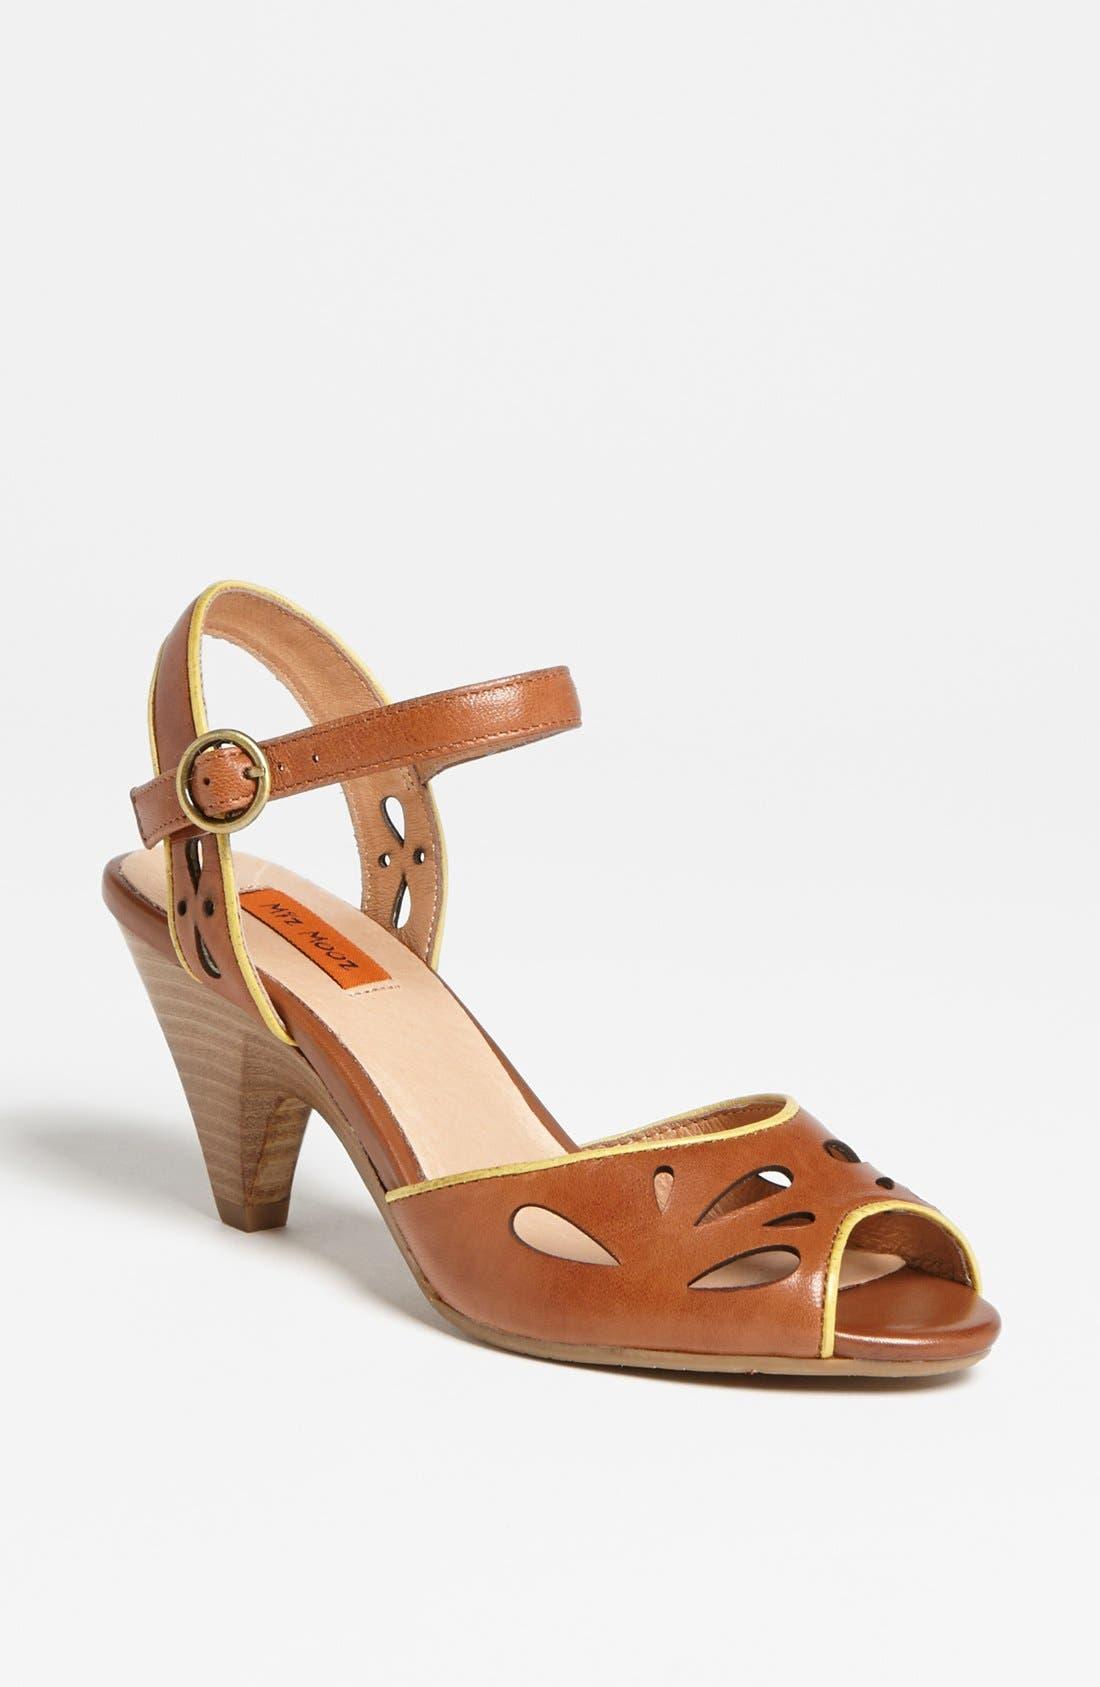 Main Image - Miz Mooz 'Wonder' Sandal